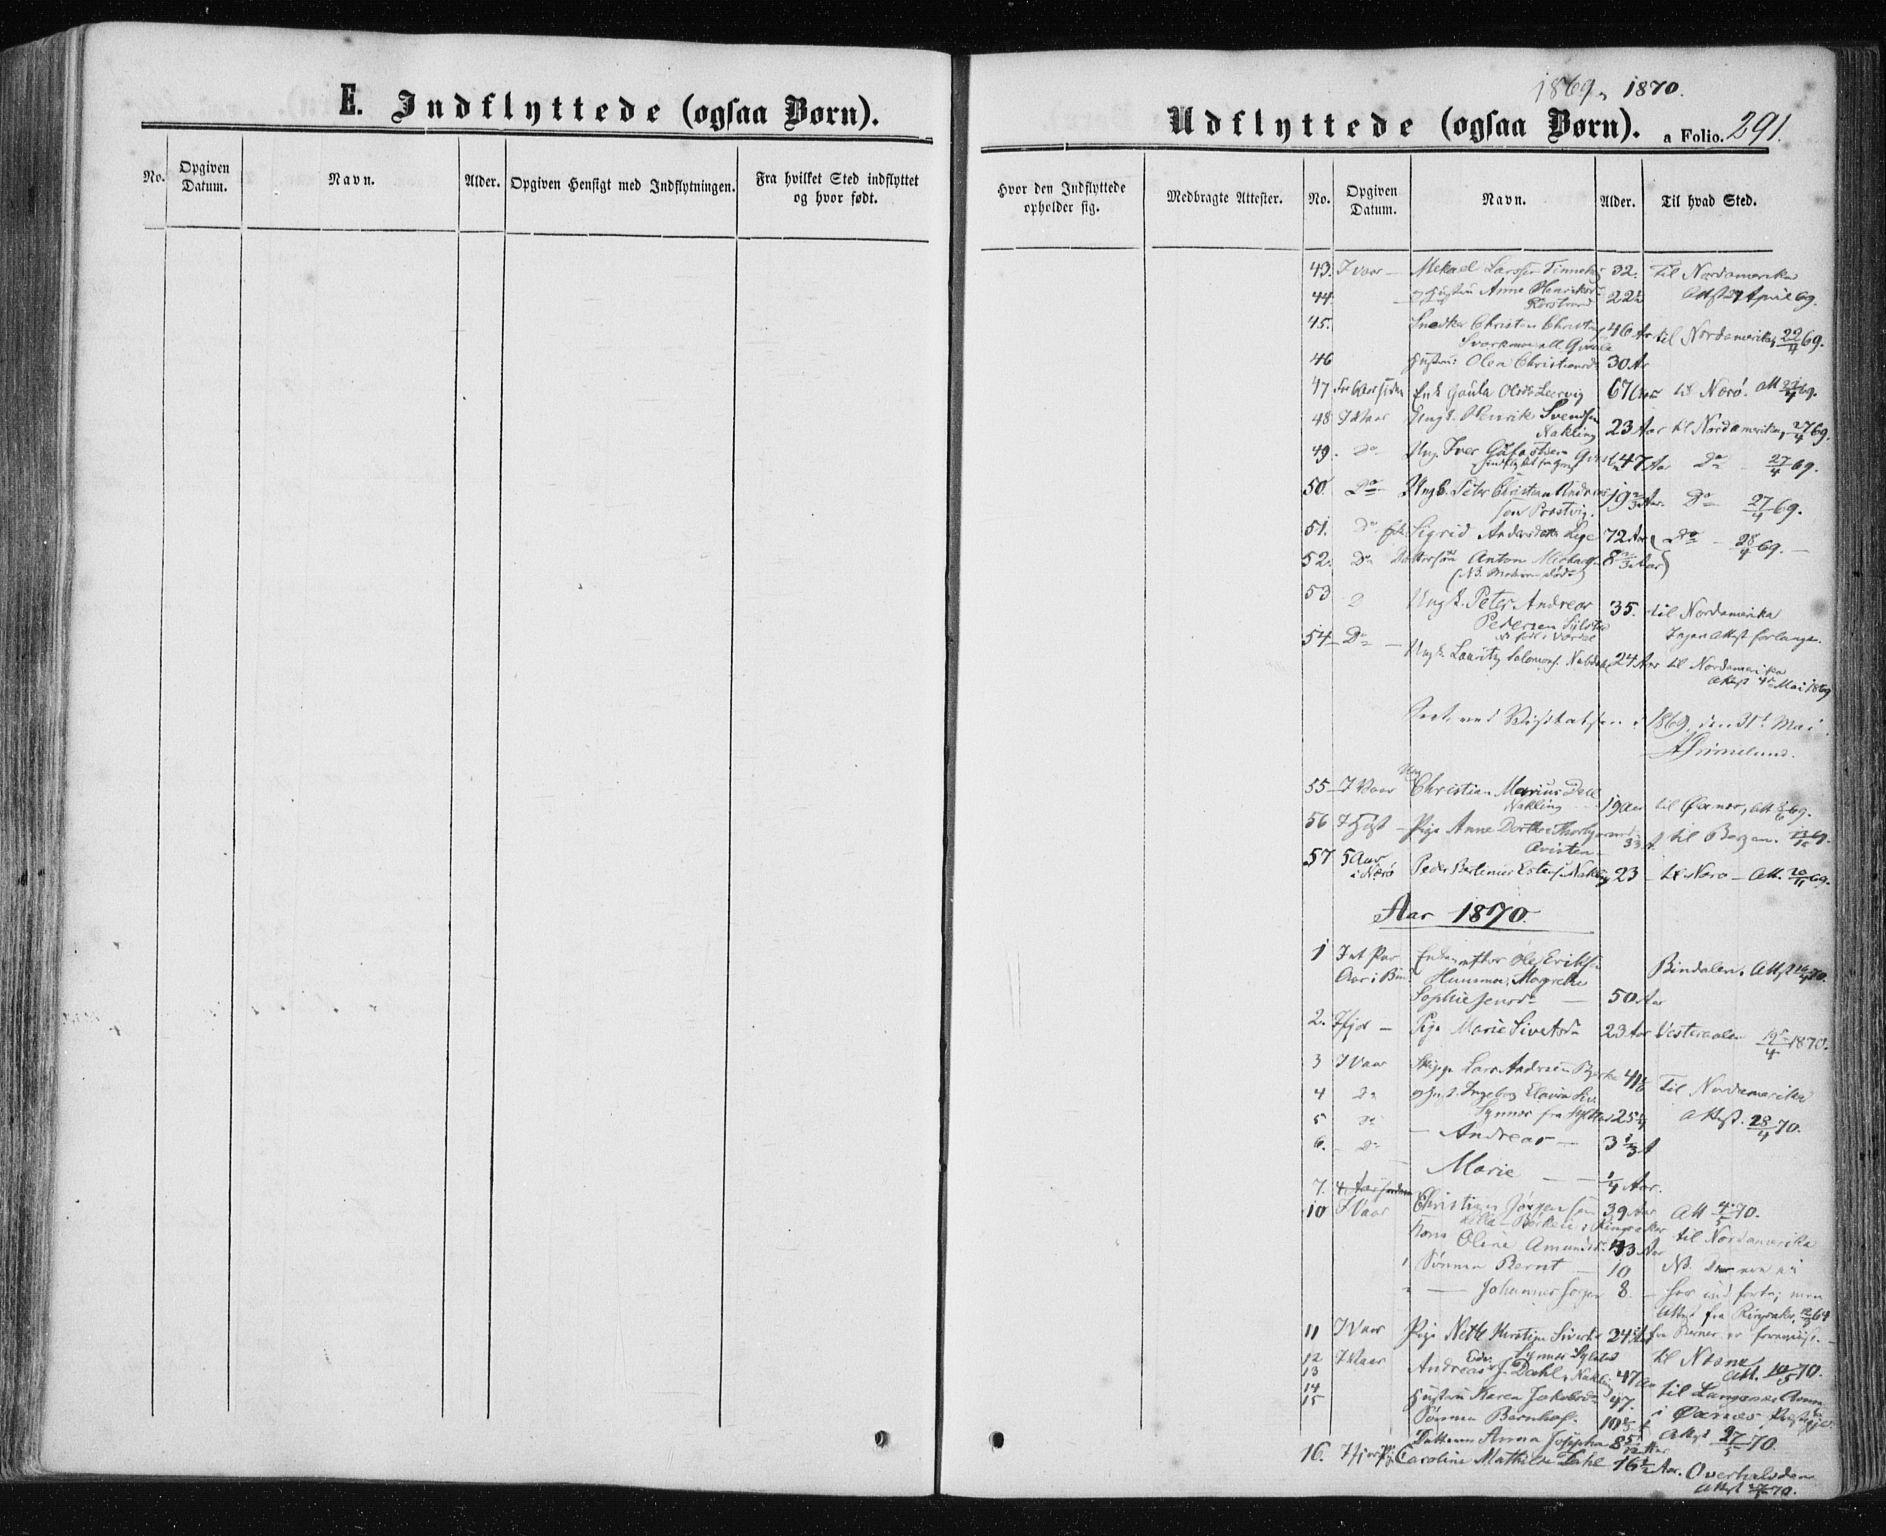 SAT, Ministerialprotokoller, klokkerbøker og fødselsregistre - Nord-Trøndelag, 780/L0641: Ministerialbok nr. 780A06, 1857-1874, s. 291